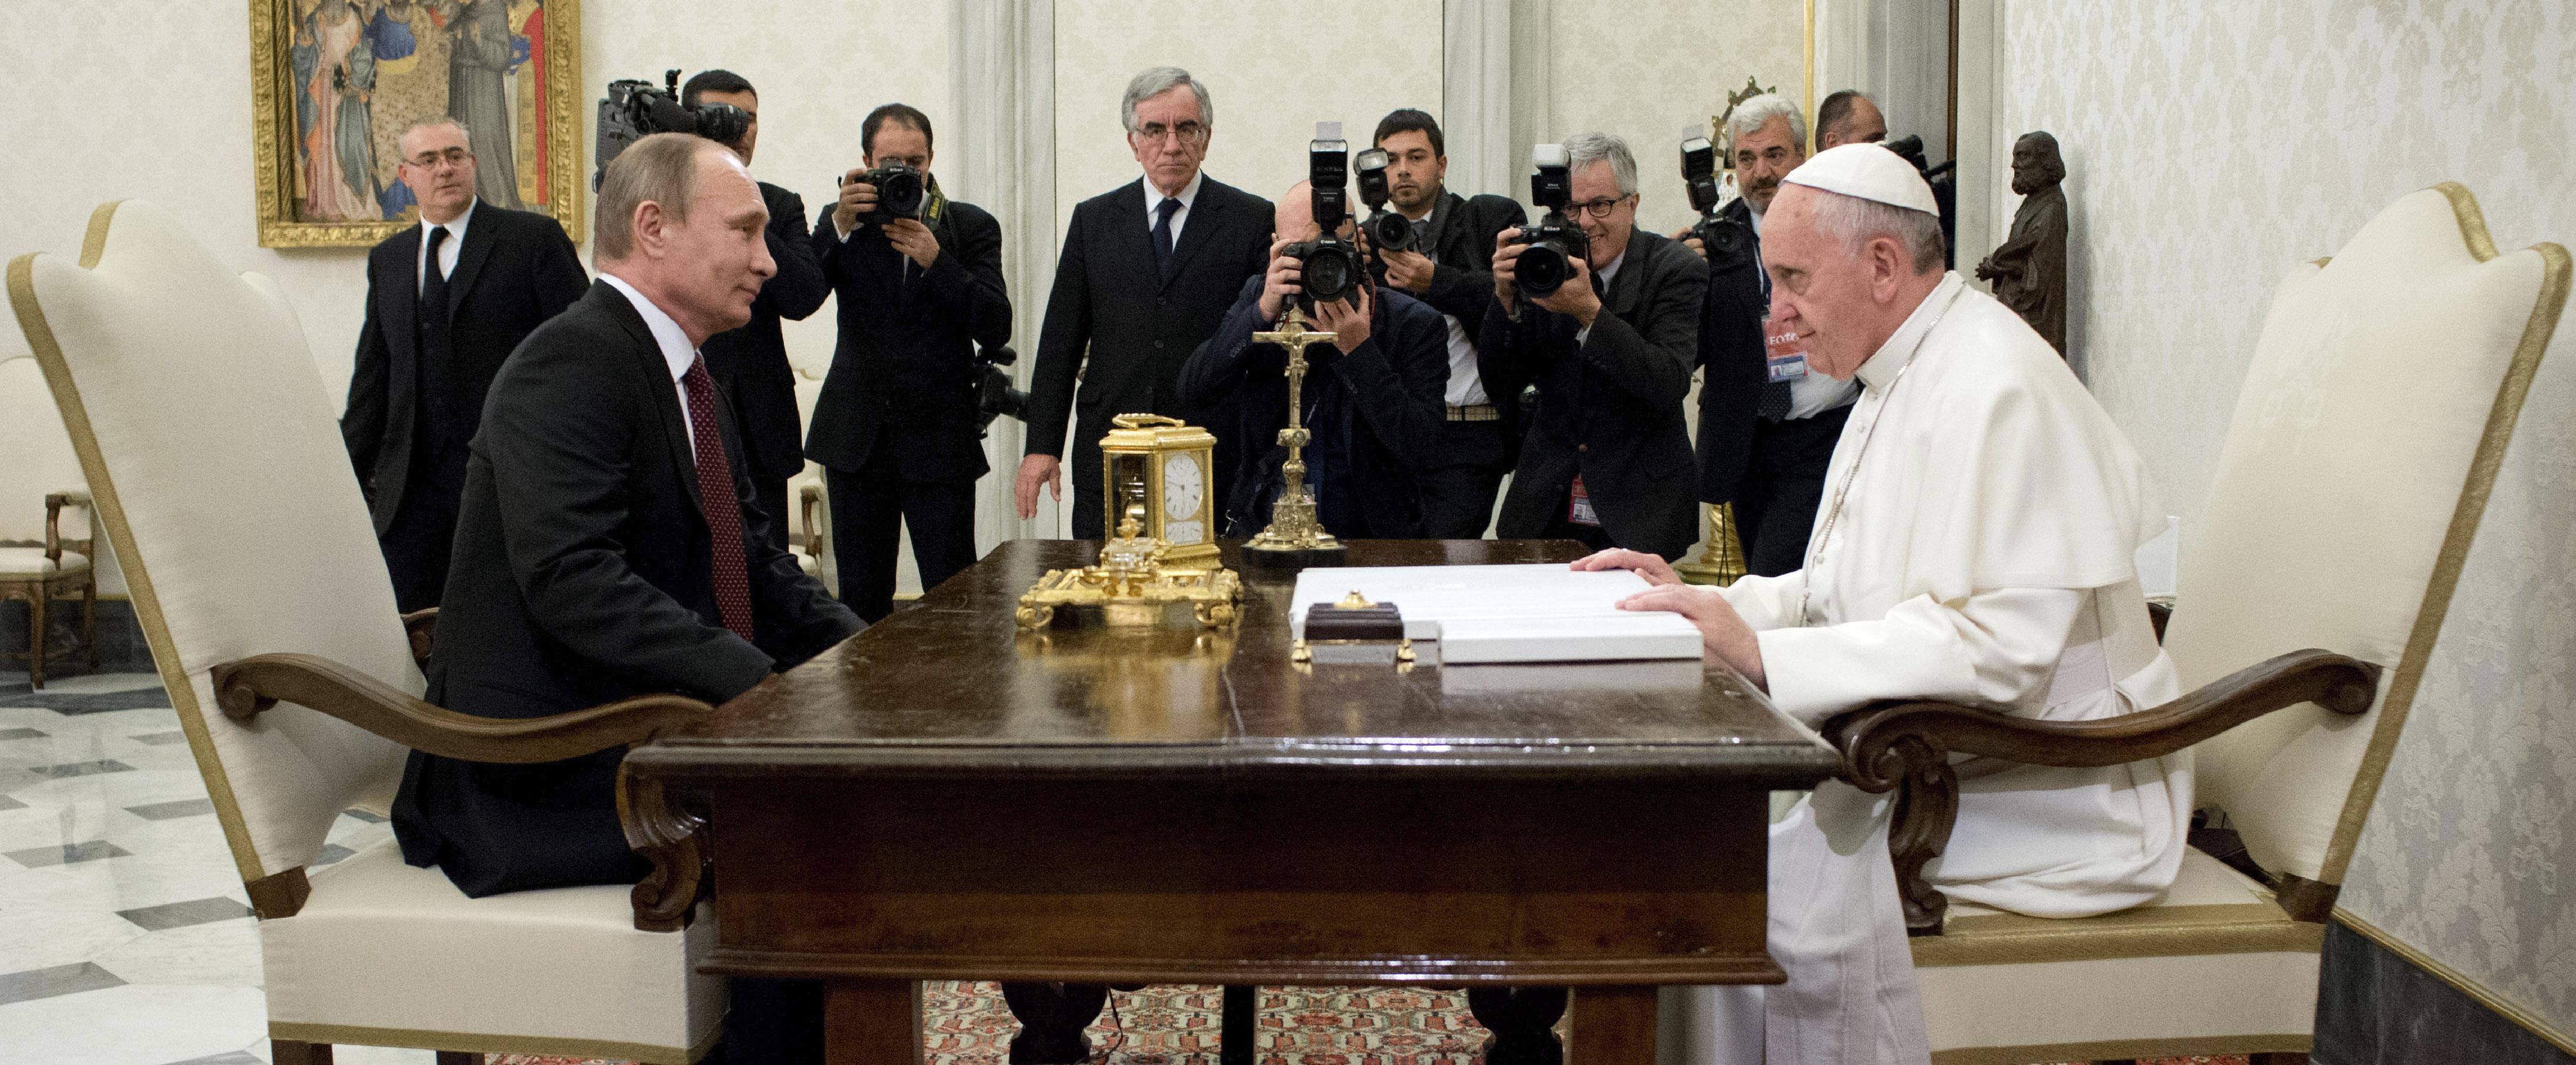 Un momento del colloquio tra Papa Bergoglio e il presidente russo Putin (Ap)